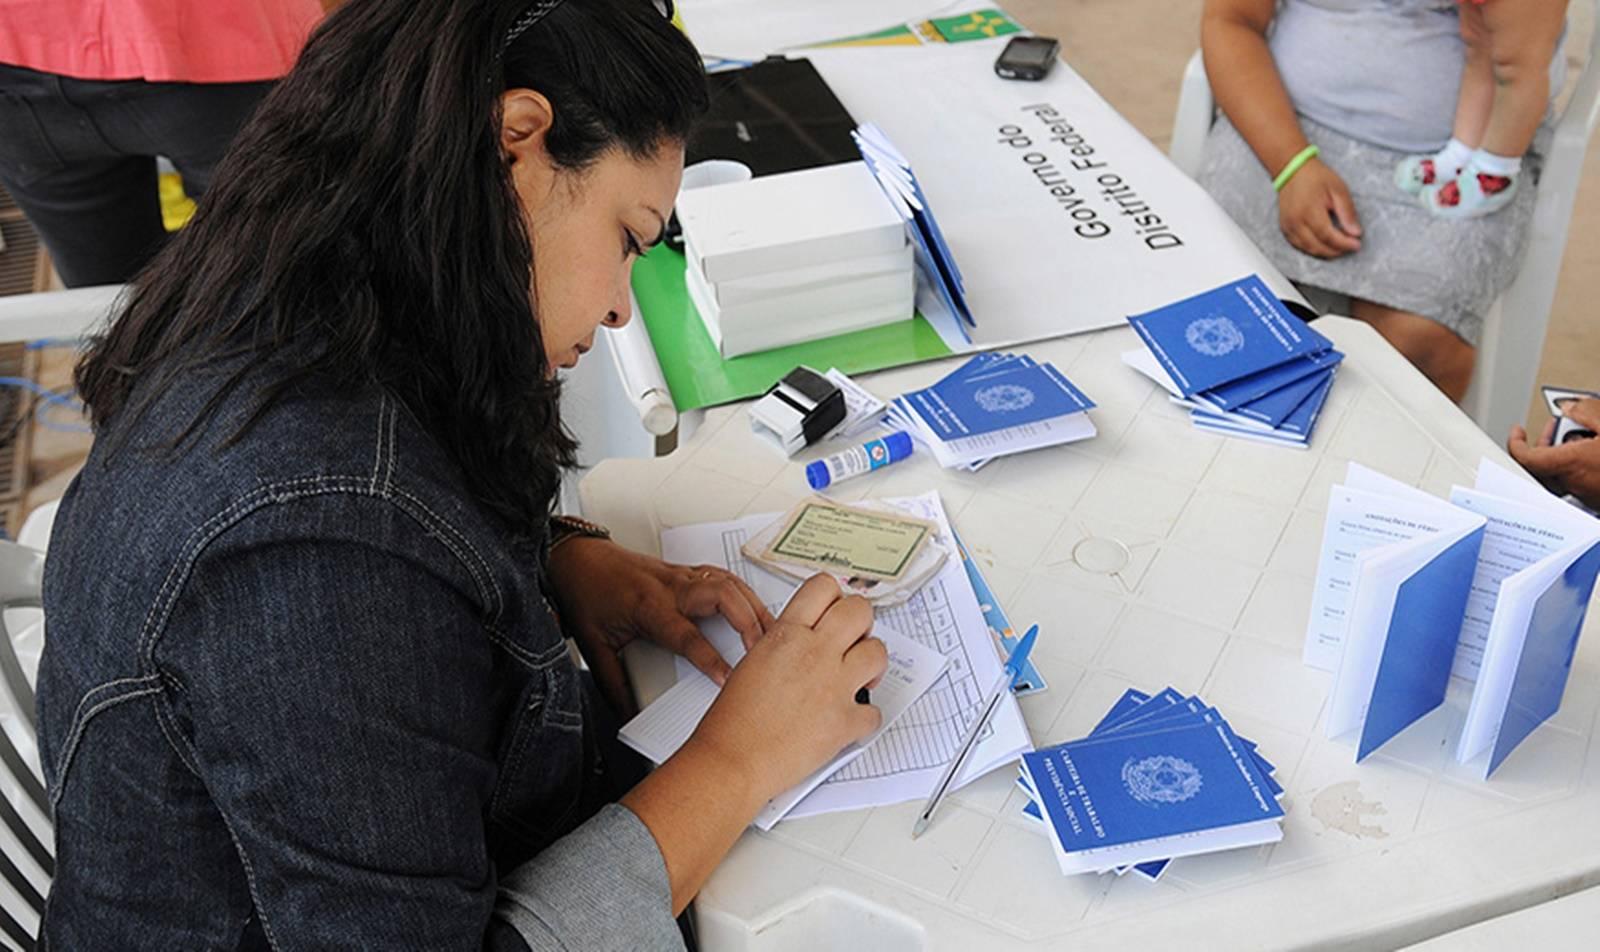 Desemprego sobe para 12,2% e atinge 12,9 milhões de pessoas no 1º trimestre